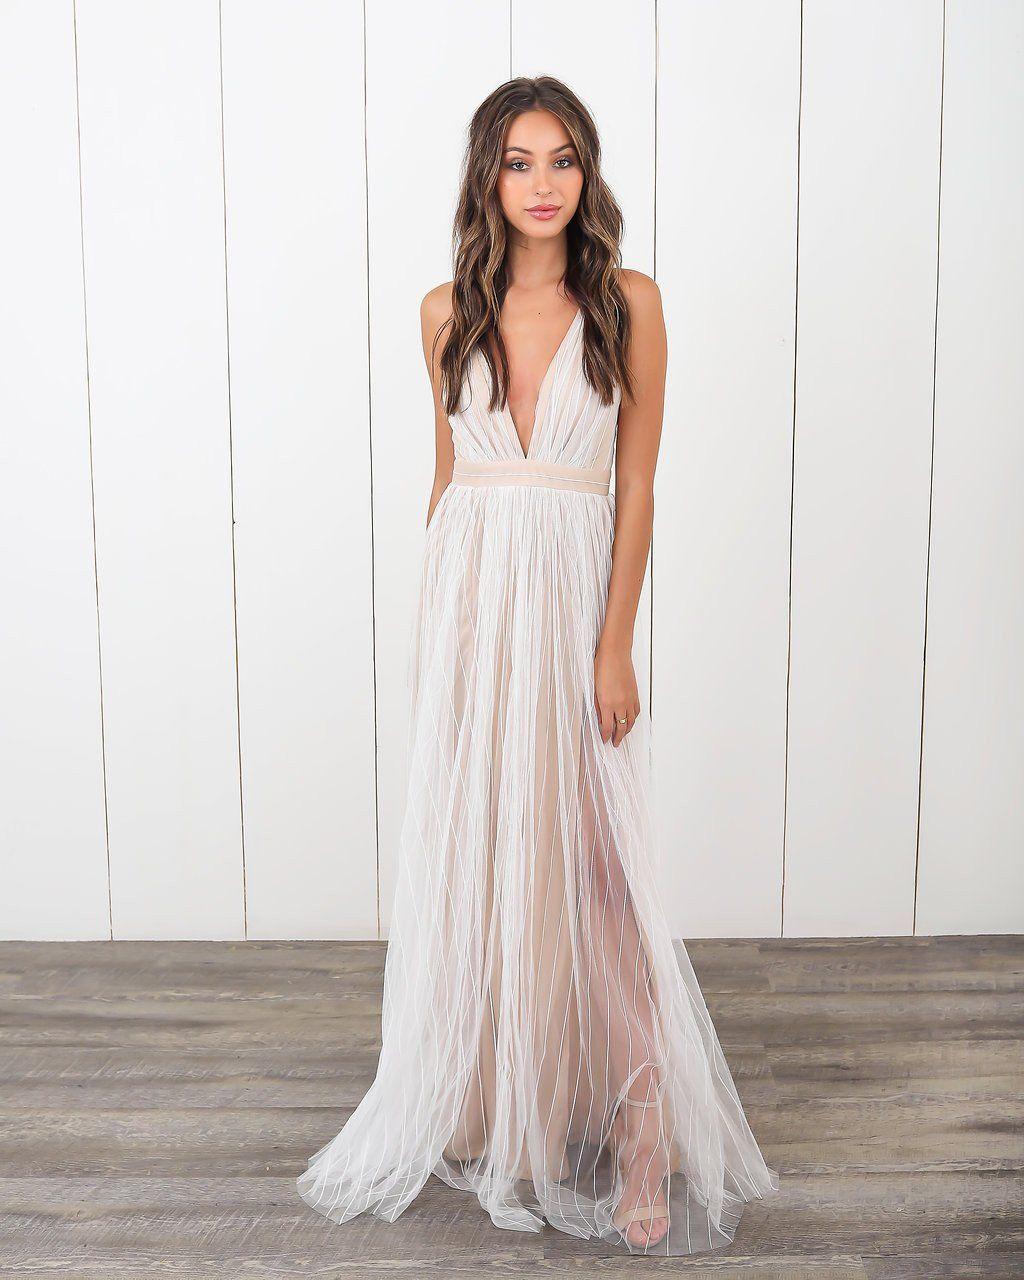 Image Result For Vici Pink Maxi Dress Dresses White Maxi Dresses Pink Maxi Dress [ 1280 x 1024 Pixel ]